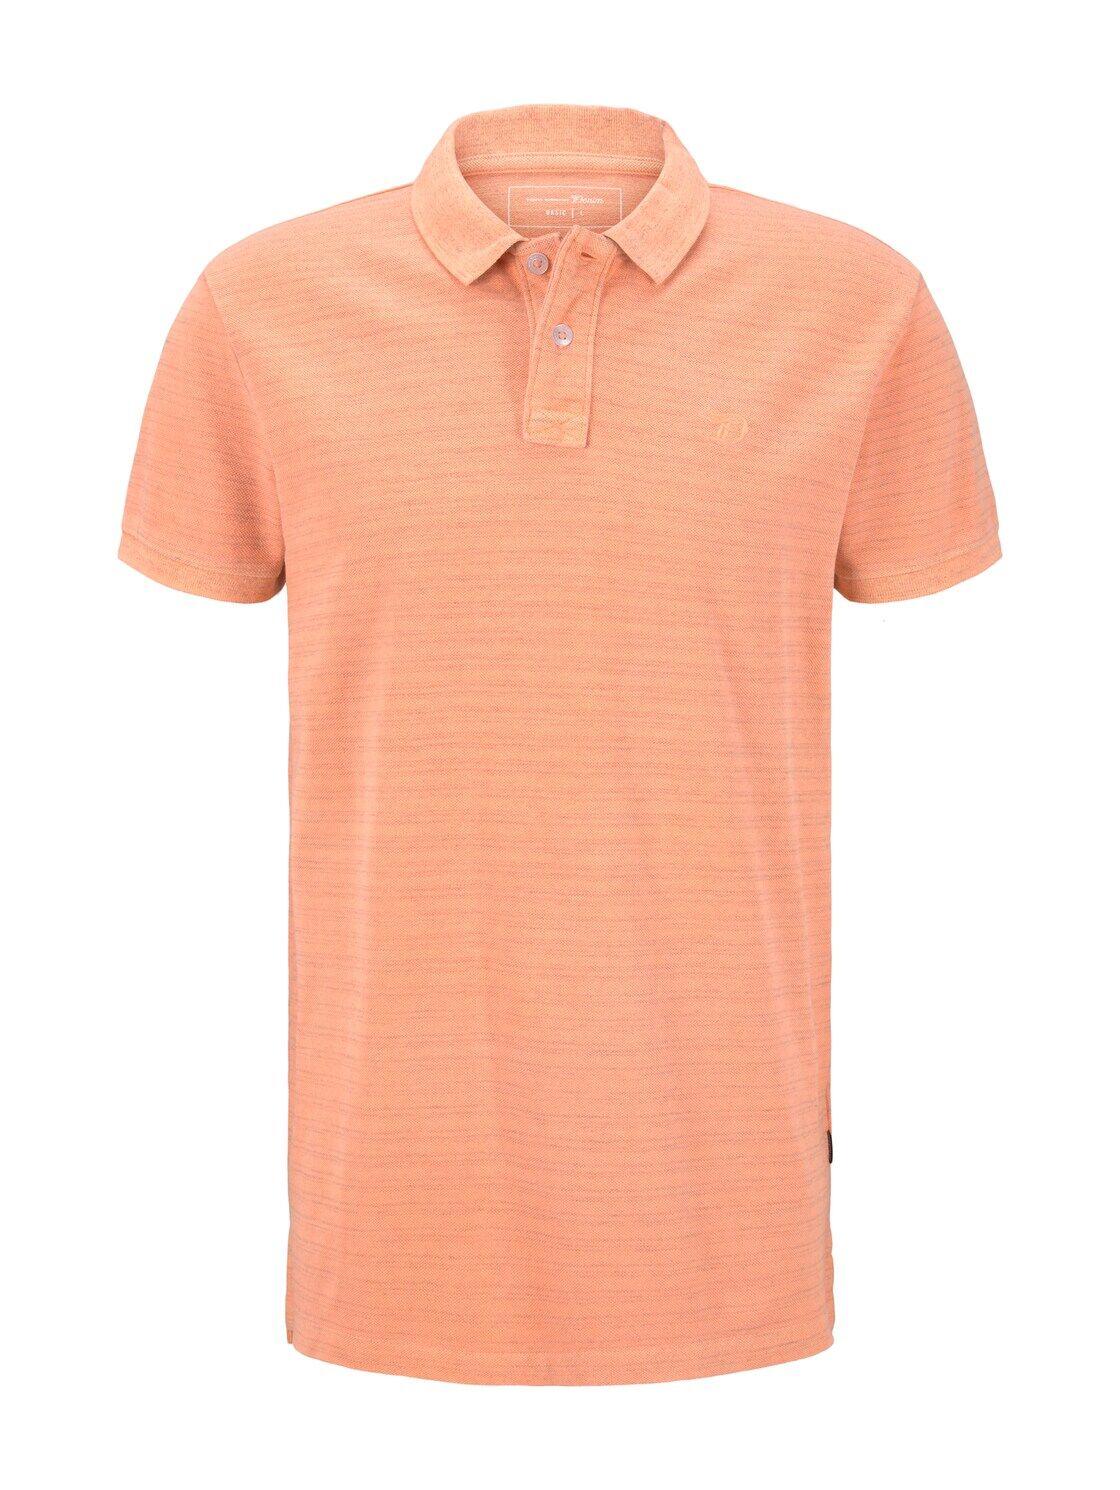 TOM TAILOR DENIM Poloshirt in Melange-Optik mit Stickerei, Herren, neon orange white melange, Größe: S